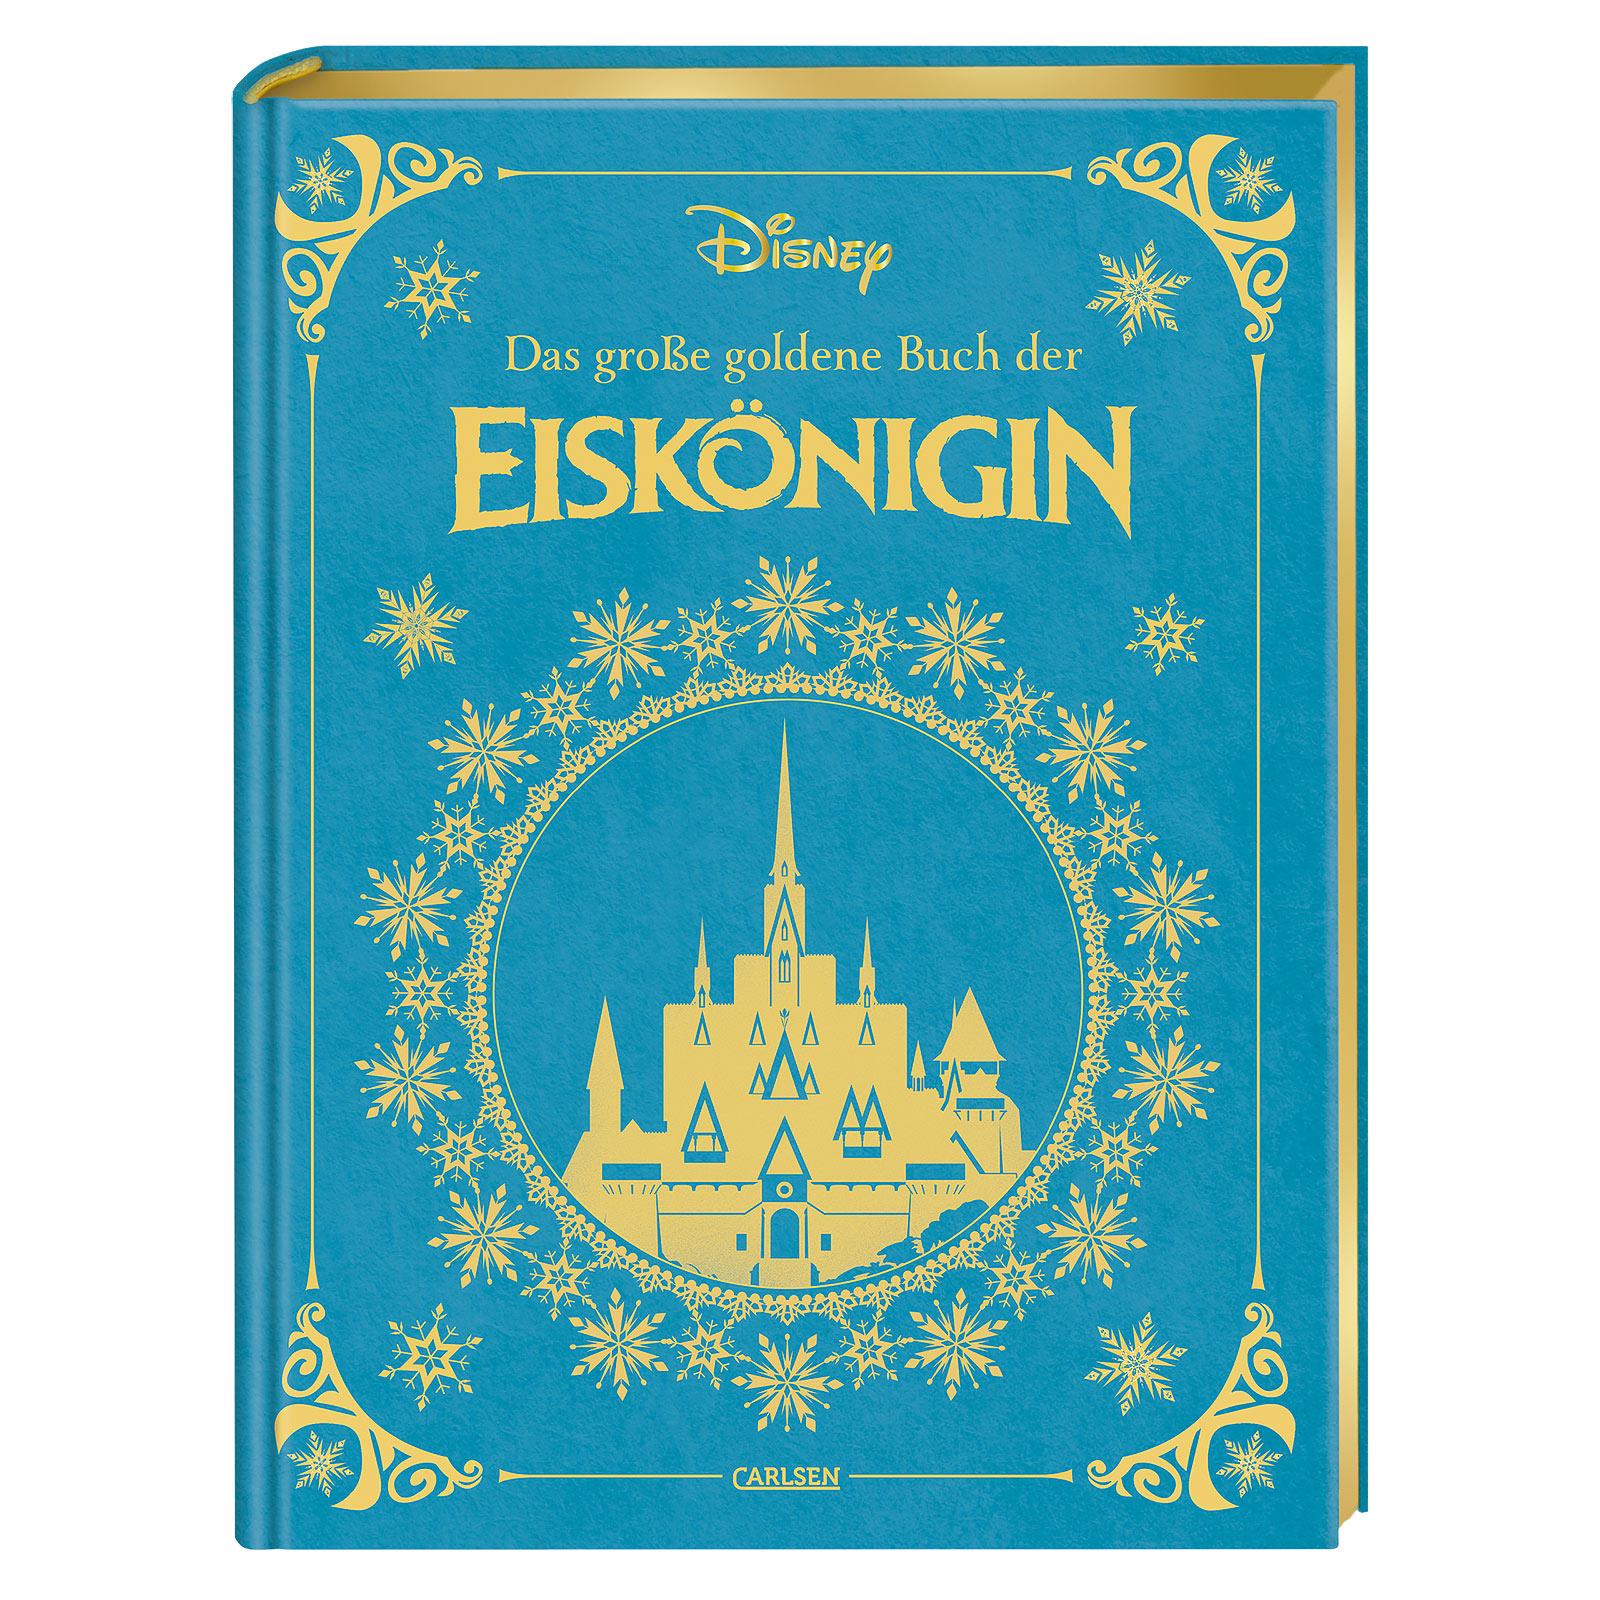 Disney - Das große goldene Buch der Eiskönigin